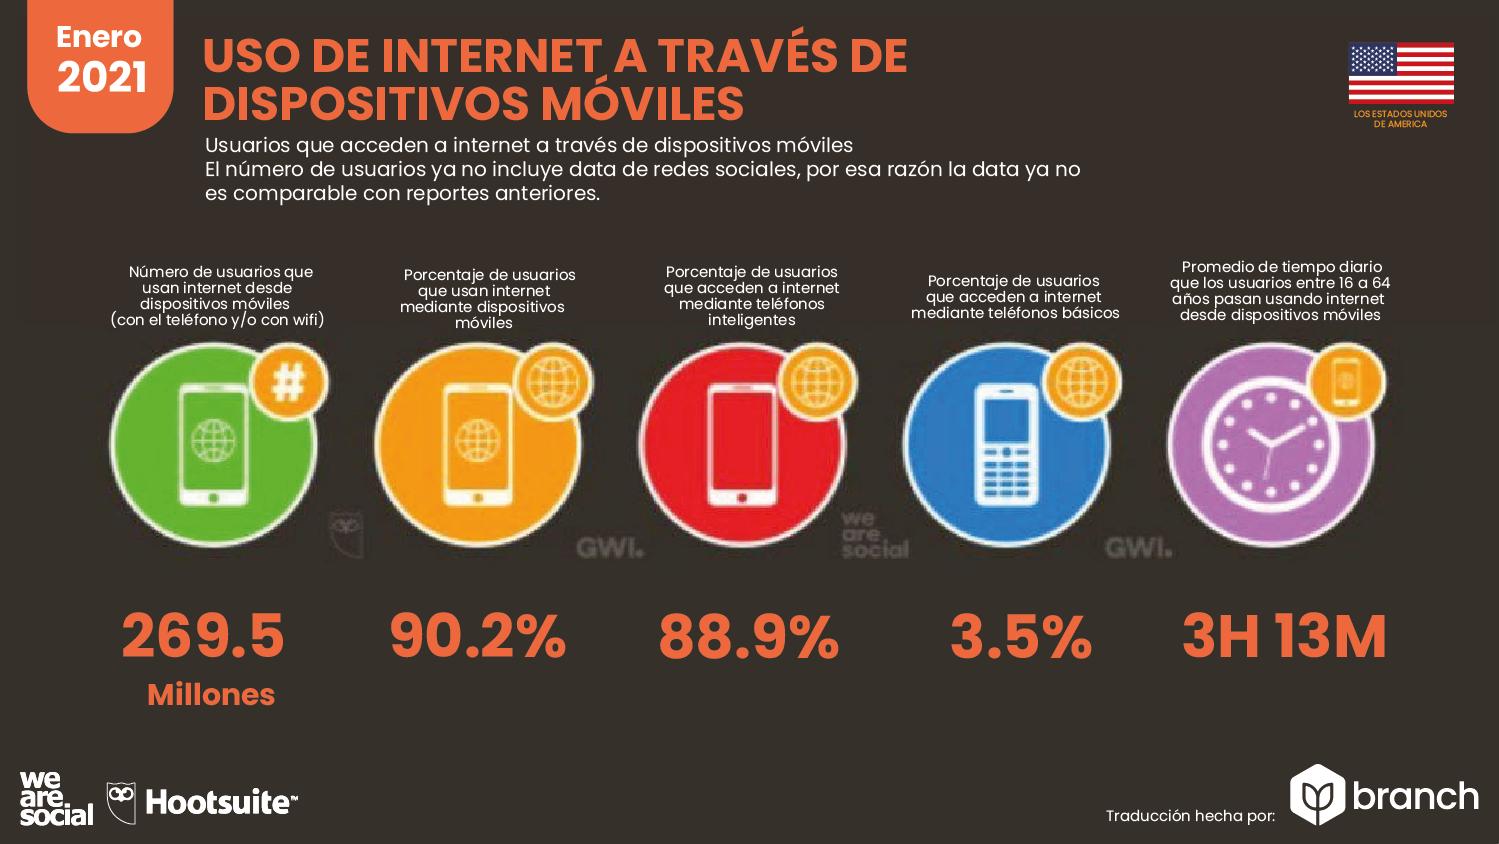 uso-de-internet-a-traves-de-dispositivo-usa-2020-2021